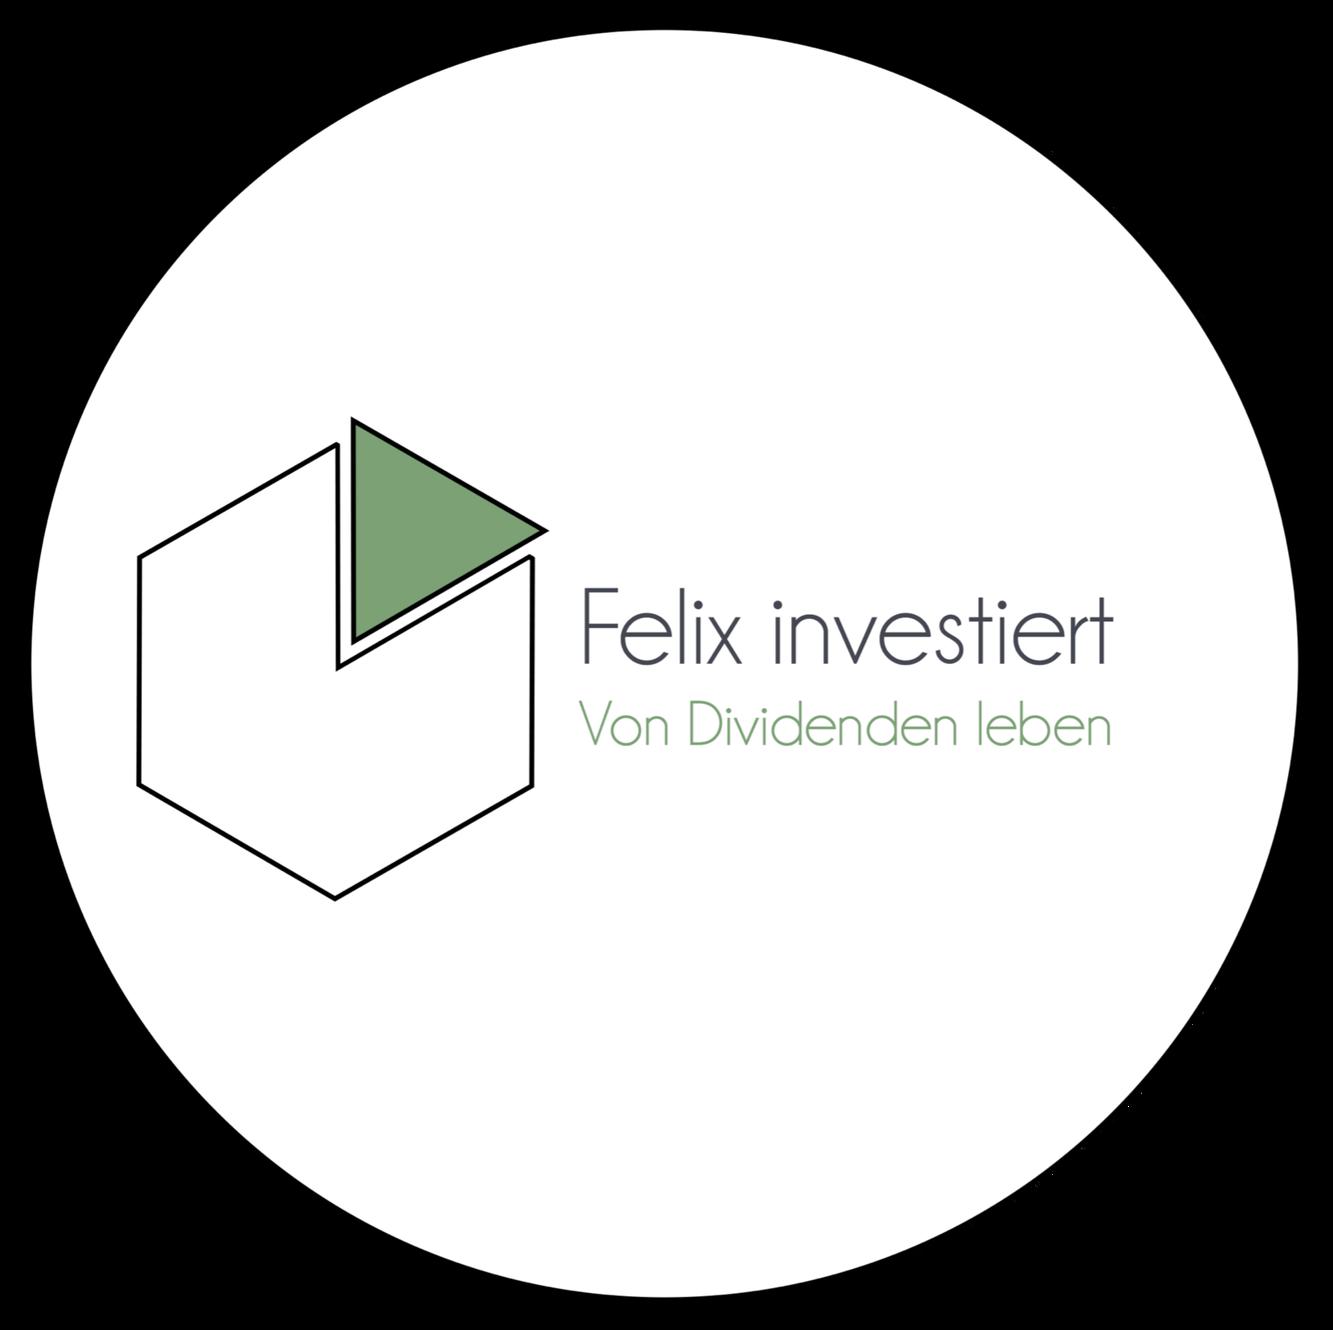 Felix investiert